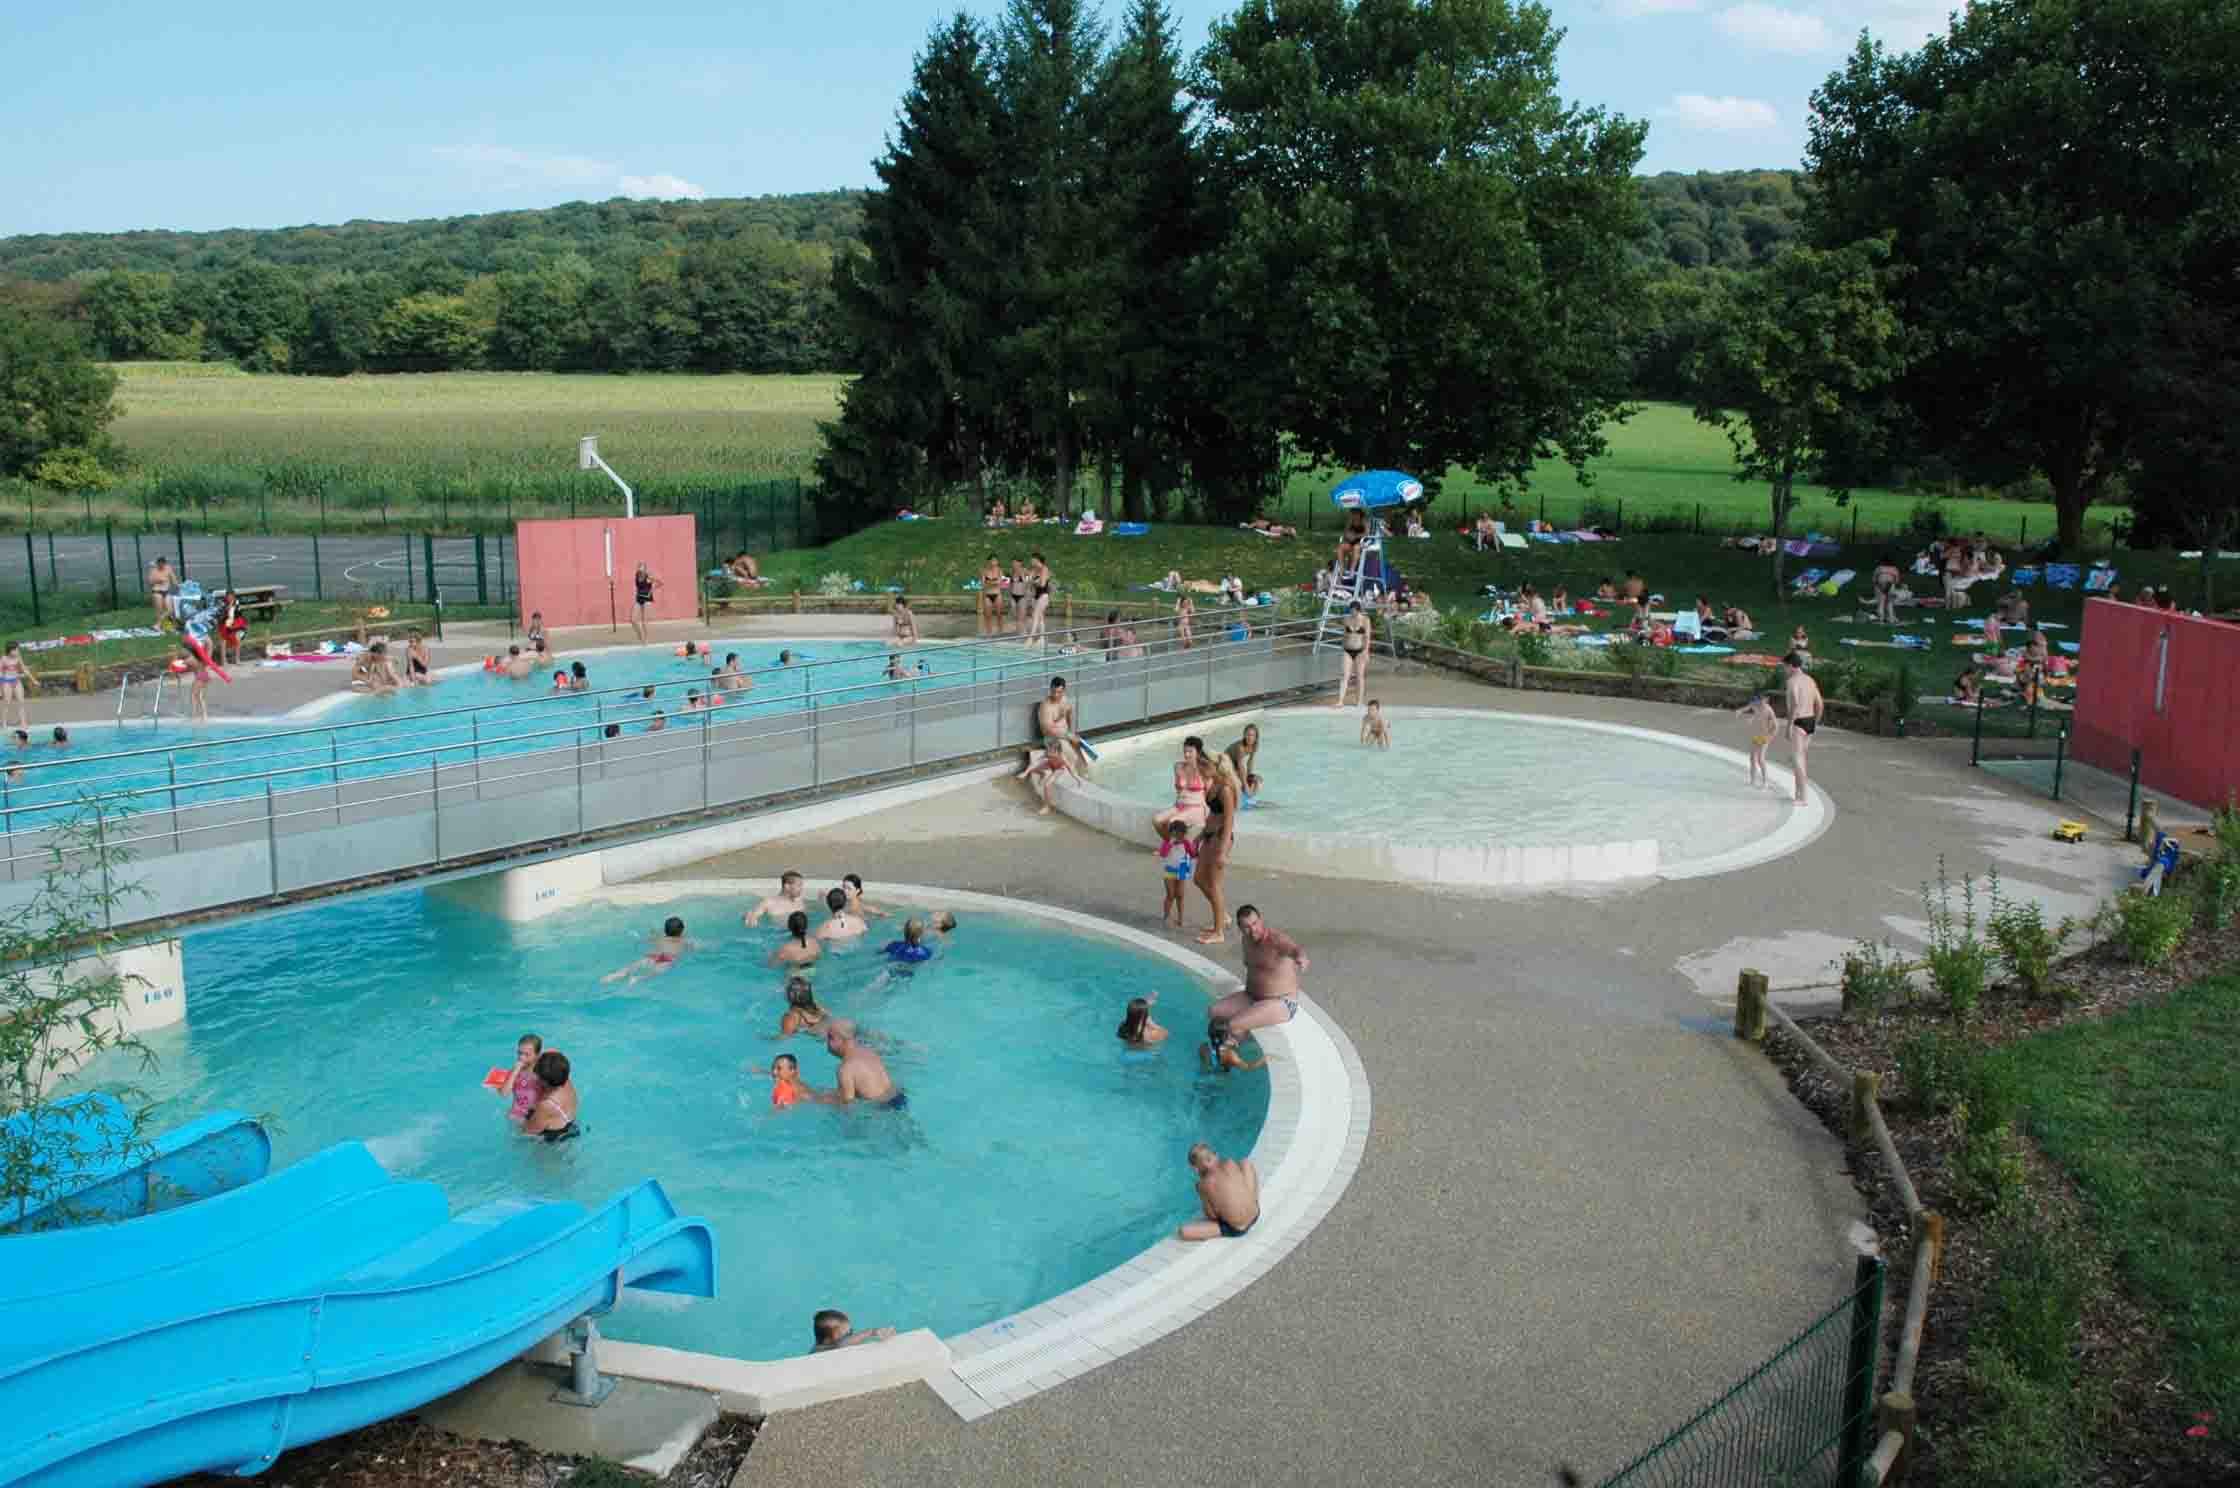 Complexe Aquatique De Dampierre Sur Linotte - Tourisme En ... concernant Piscine Dampierre